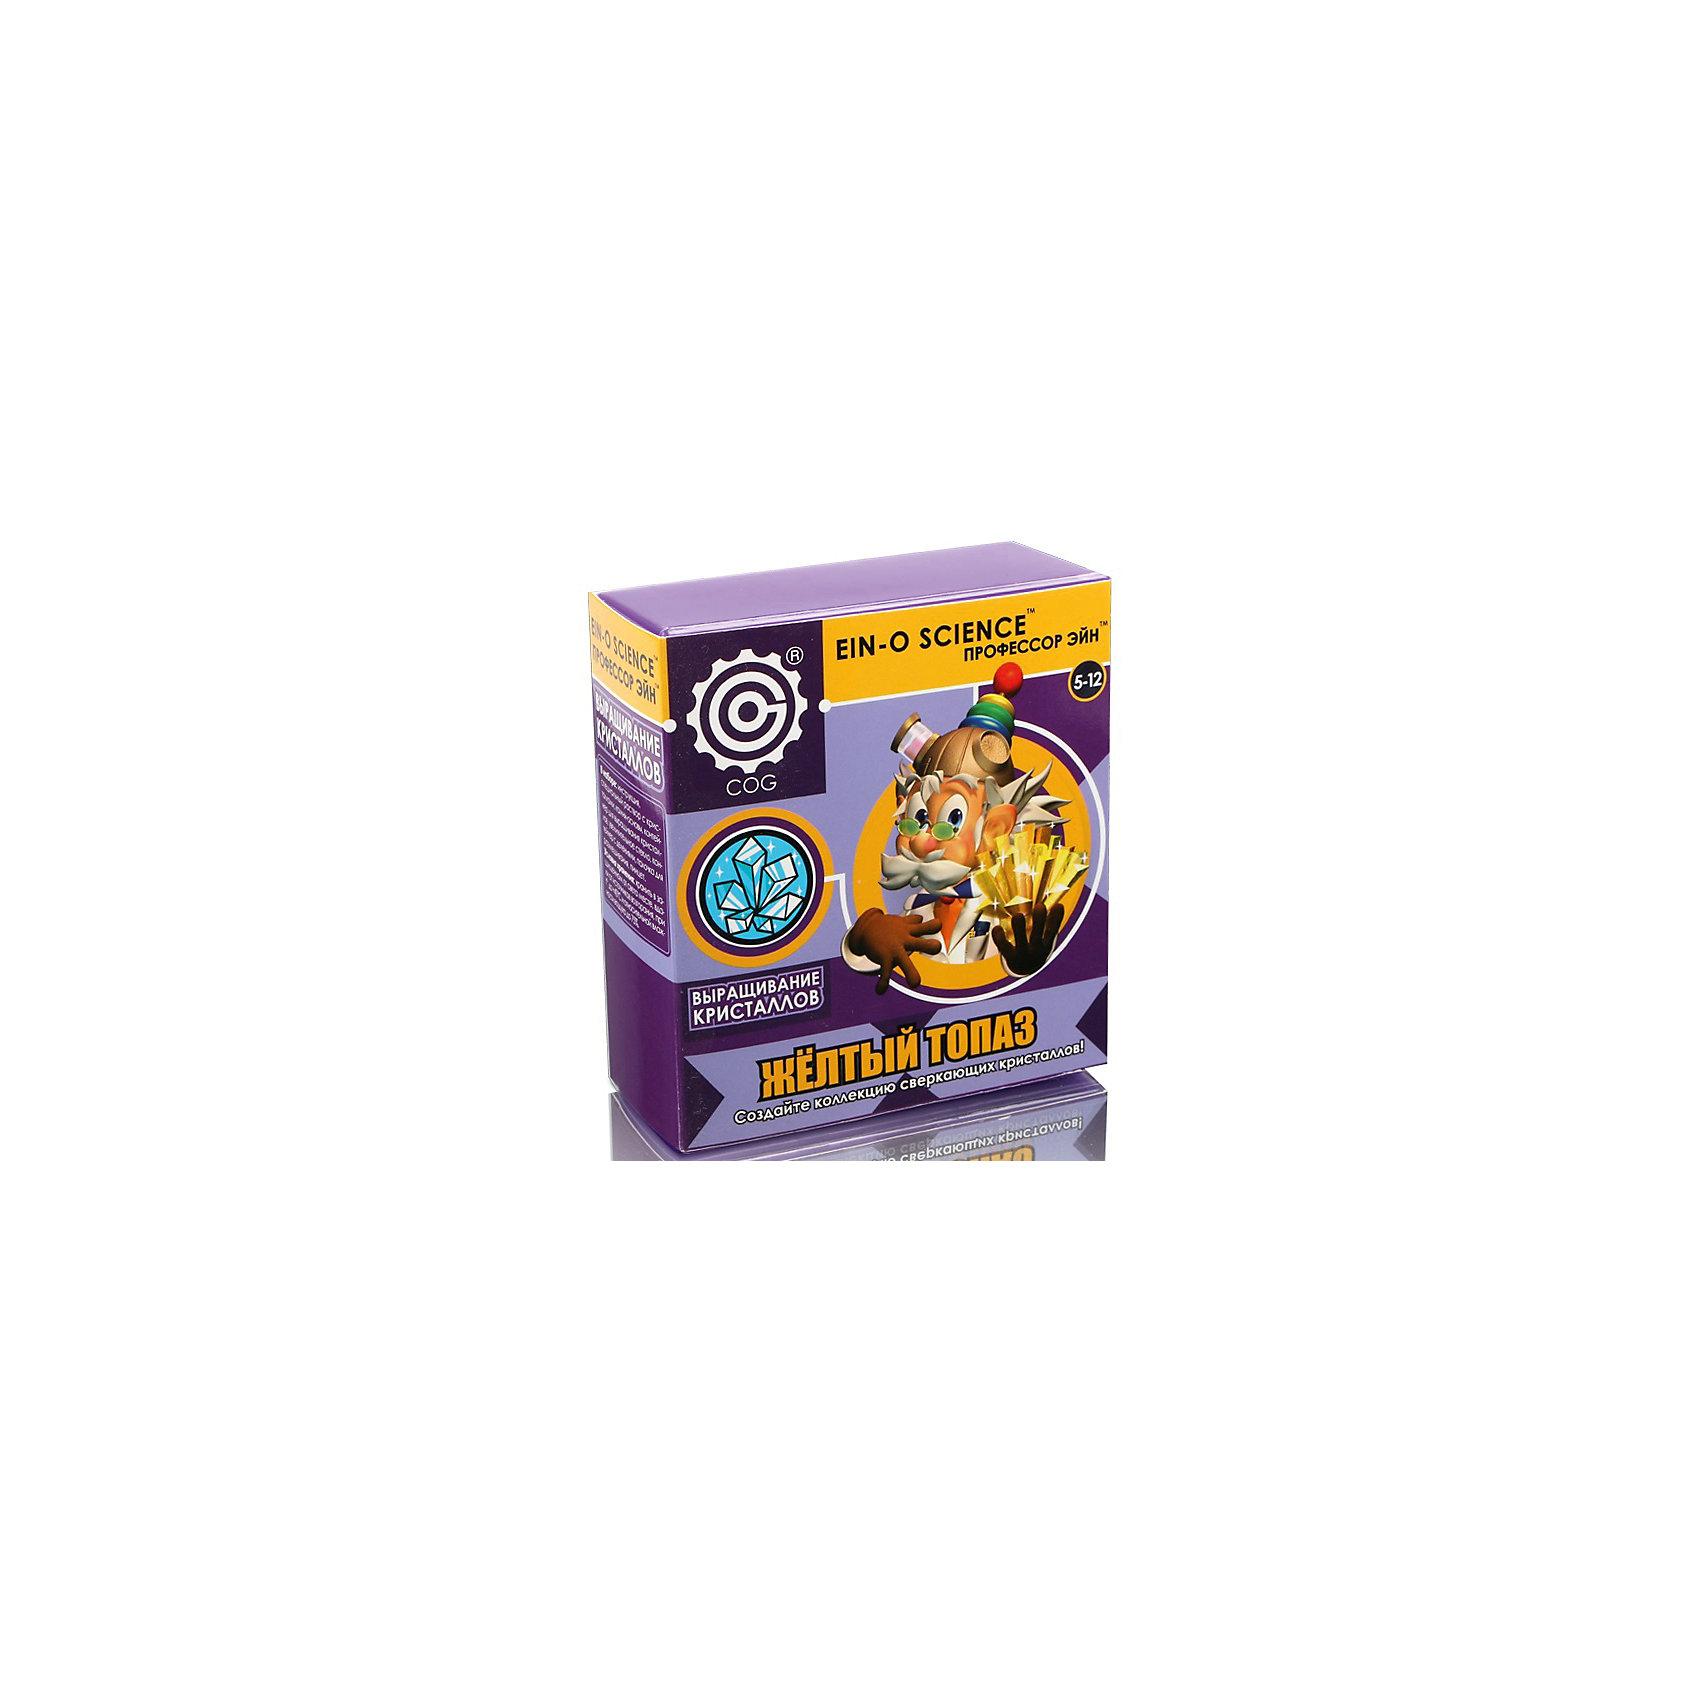 Жёлтый топаз, Профессор ЭйнКристаллы<br>Характеристики товара:<br><br>• цвет: разноцветный<br>• размер упаковки: 5 x 11 x 12 см<br>• вес: 200 г<br>• комплектация: мерный контейнер, контейнер для выращивания кристаллов, лупа, пинцет, основная порода - маленькие камни, палочка для смешивания, порошок для выращивания кристаллов<br>• возраст: от десяти лет<br>• упаковка: коробка<br>• страна бренда: Китай<br>• страна изготовитель: Китай<br><br>Такой набор станет отличным подарком ребенку - ведь с помощью него можно проводить интересные опыты! В набор входят различные предметы и вещества, с помощью которых можно вырастить кристалл. Это отличный способ изучать химию!<br>Проведение опытов помогает детям развивать важные навыки и способности, оно активизирует мышление, формирует усидчивость, логику, мелкую моторику и воображение. Изделие производится из качественных и проверенных материалов, которые безопасны для детей.<br><br>Набор Жёлтый топаз от бренда Профессор Эйн можно купить в нашем интернет-магазине.<br><br>Ширина мм: 50<br>Глубина мм: 114<br>Высота мм: 127<br>Вес г: 210<br>Возраст от месяцев: 72<br>Возраст до месяцев: 120<br>Пол: Унисекс<br>Возраст: Детский<br>SKU: 5168525